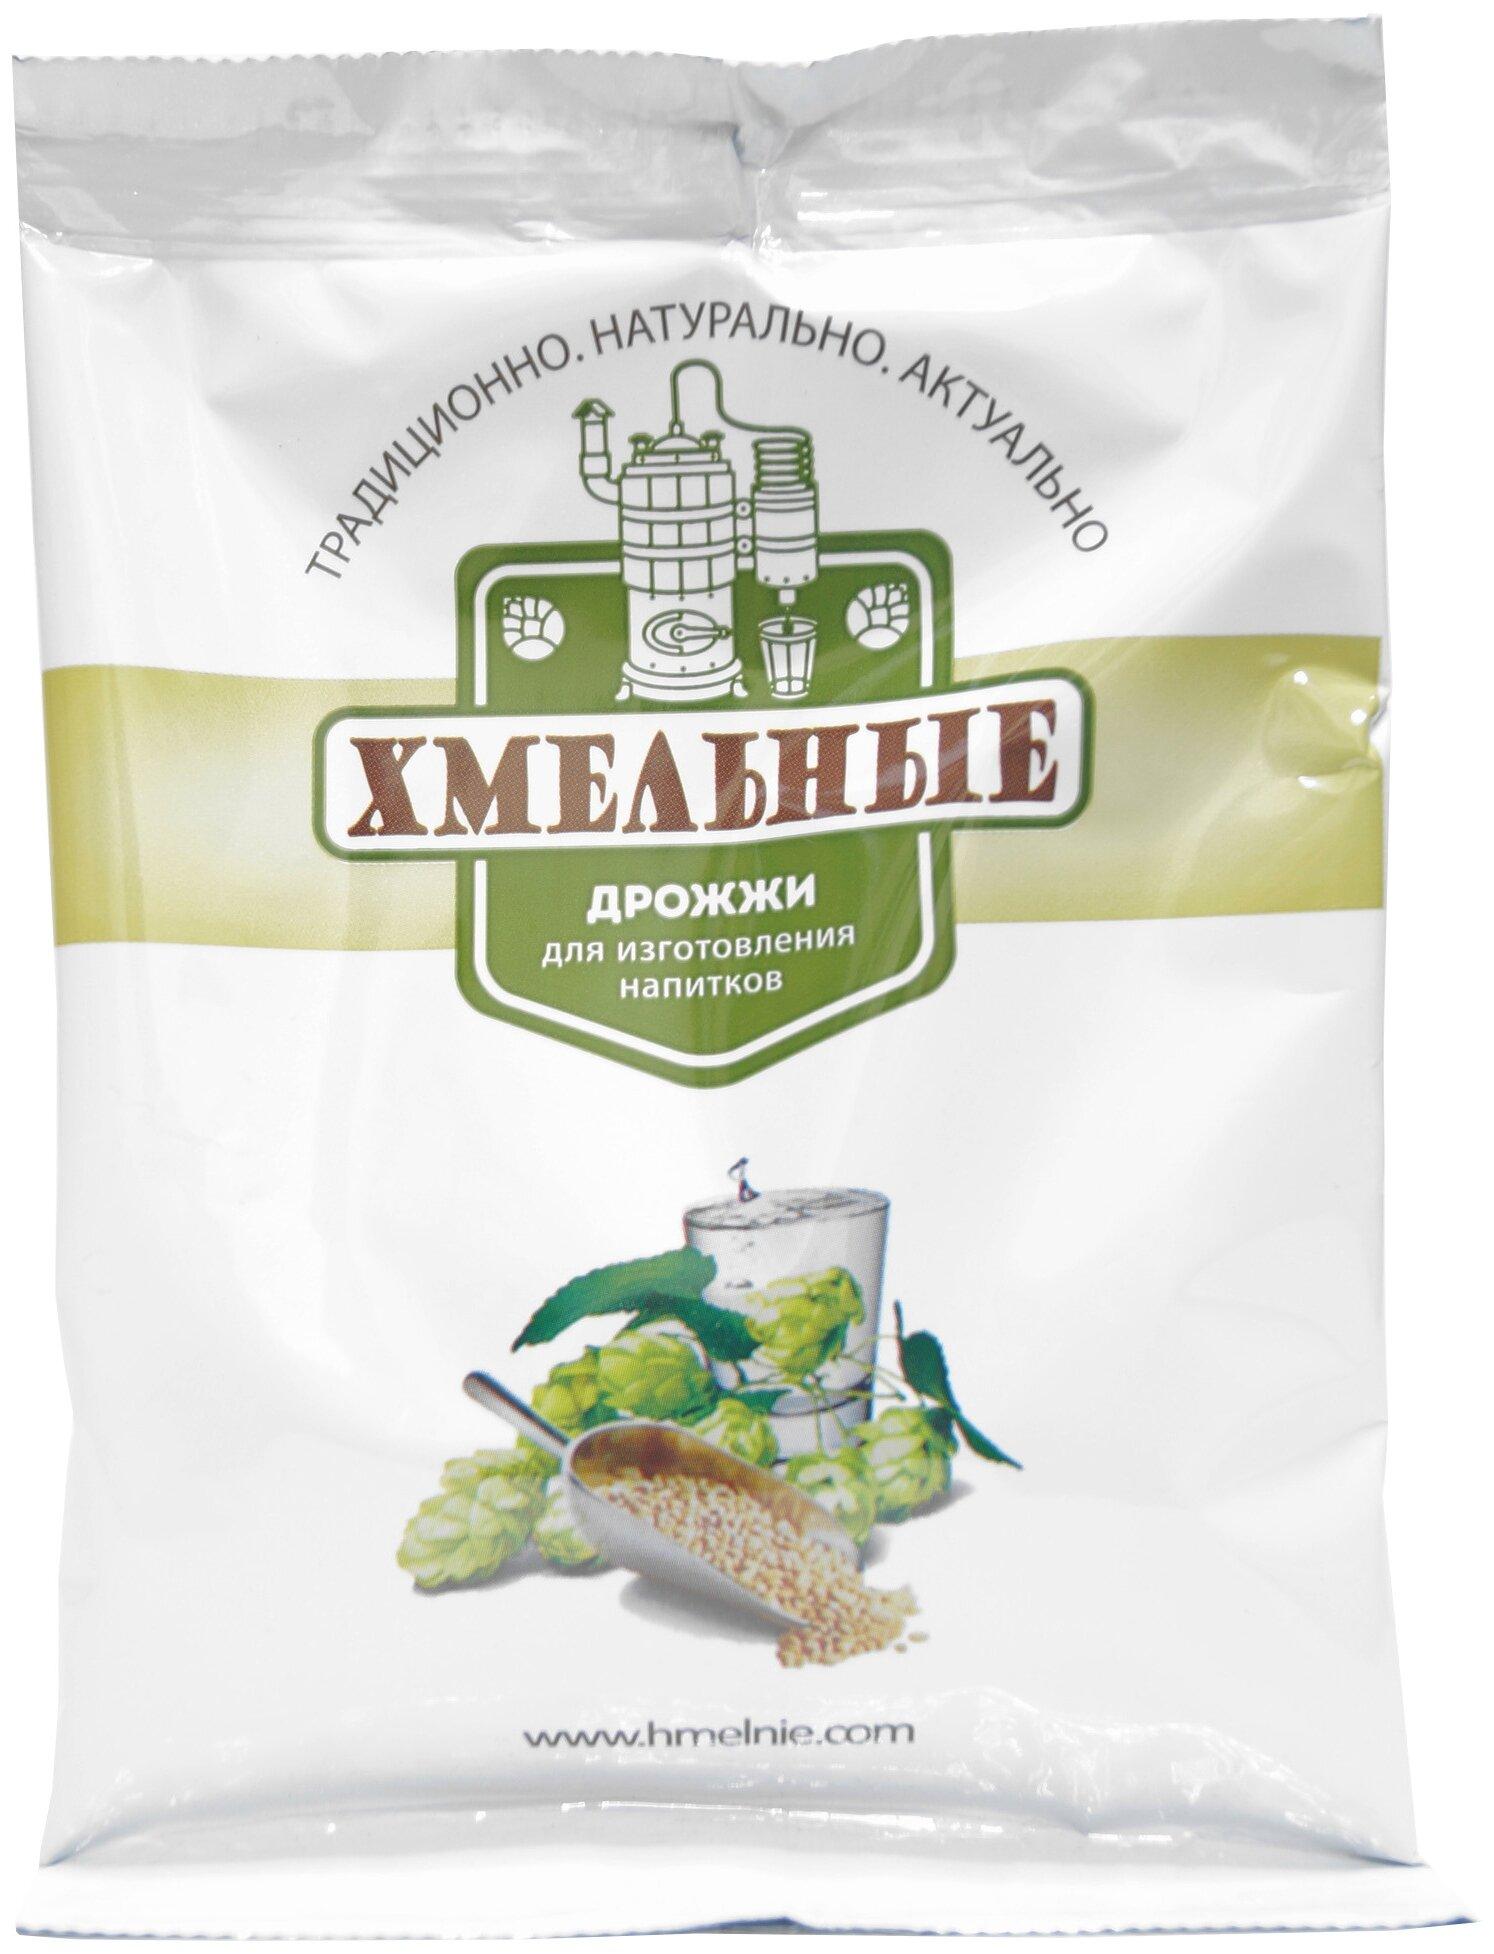 Дрожжи Хмельные спиртовые (10 шт.) — купить по выгодной цене на Яндекс.Маркете